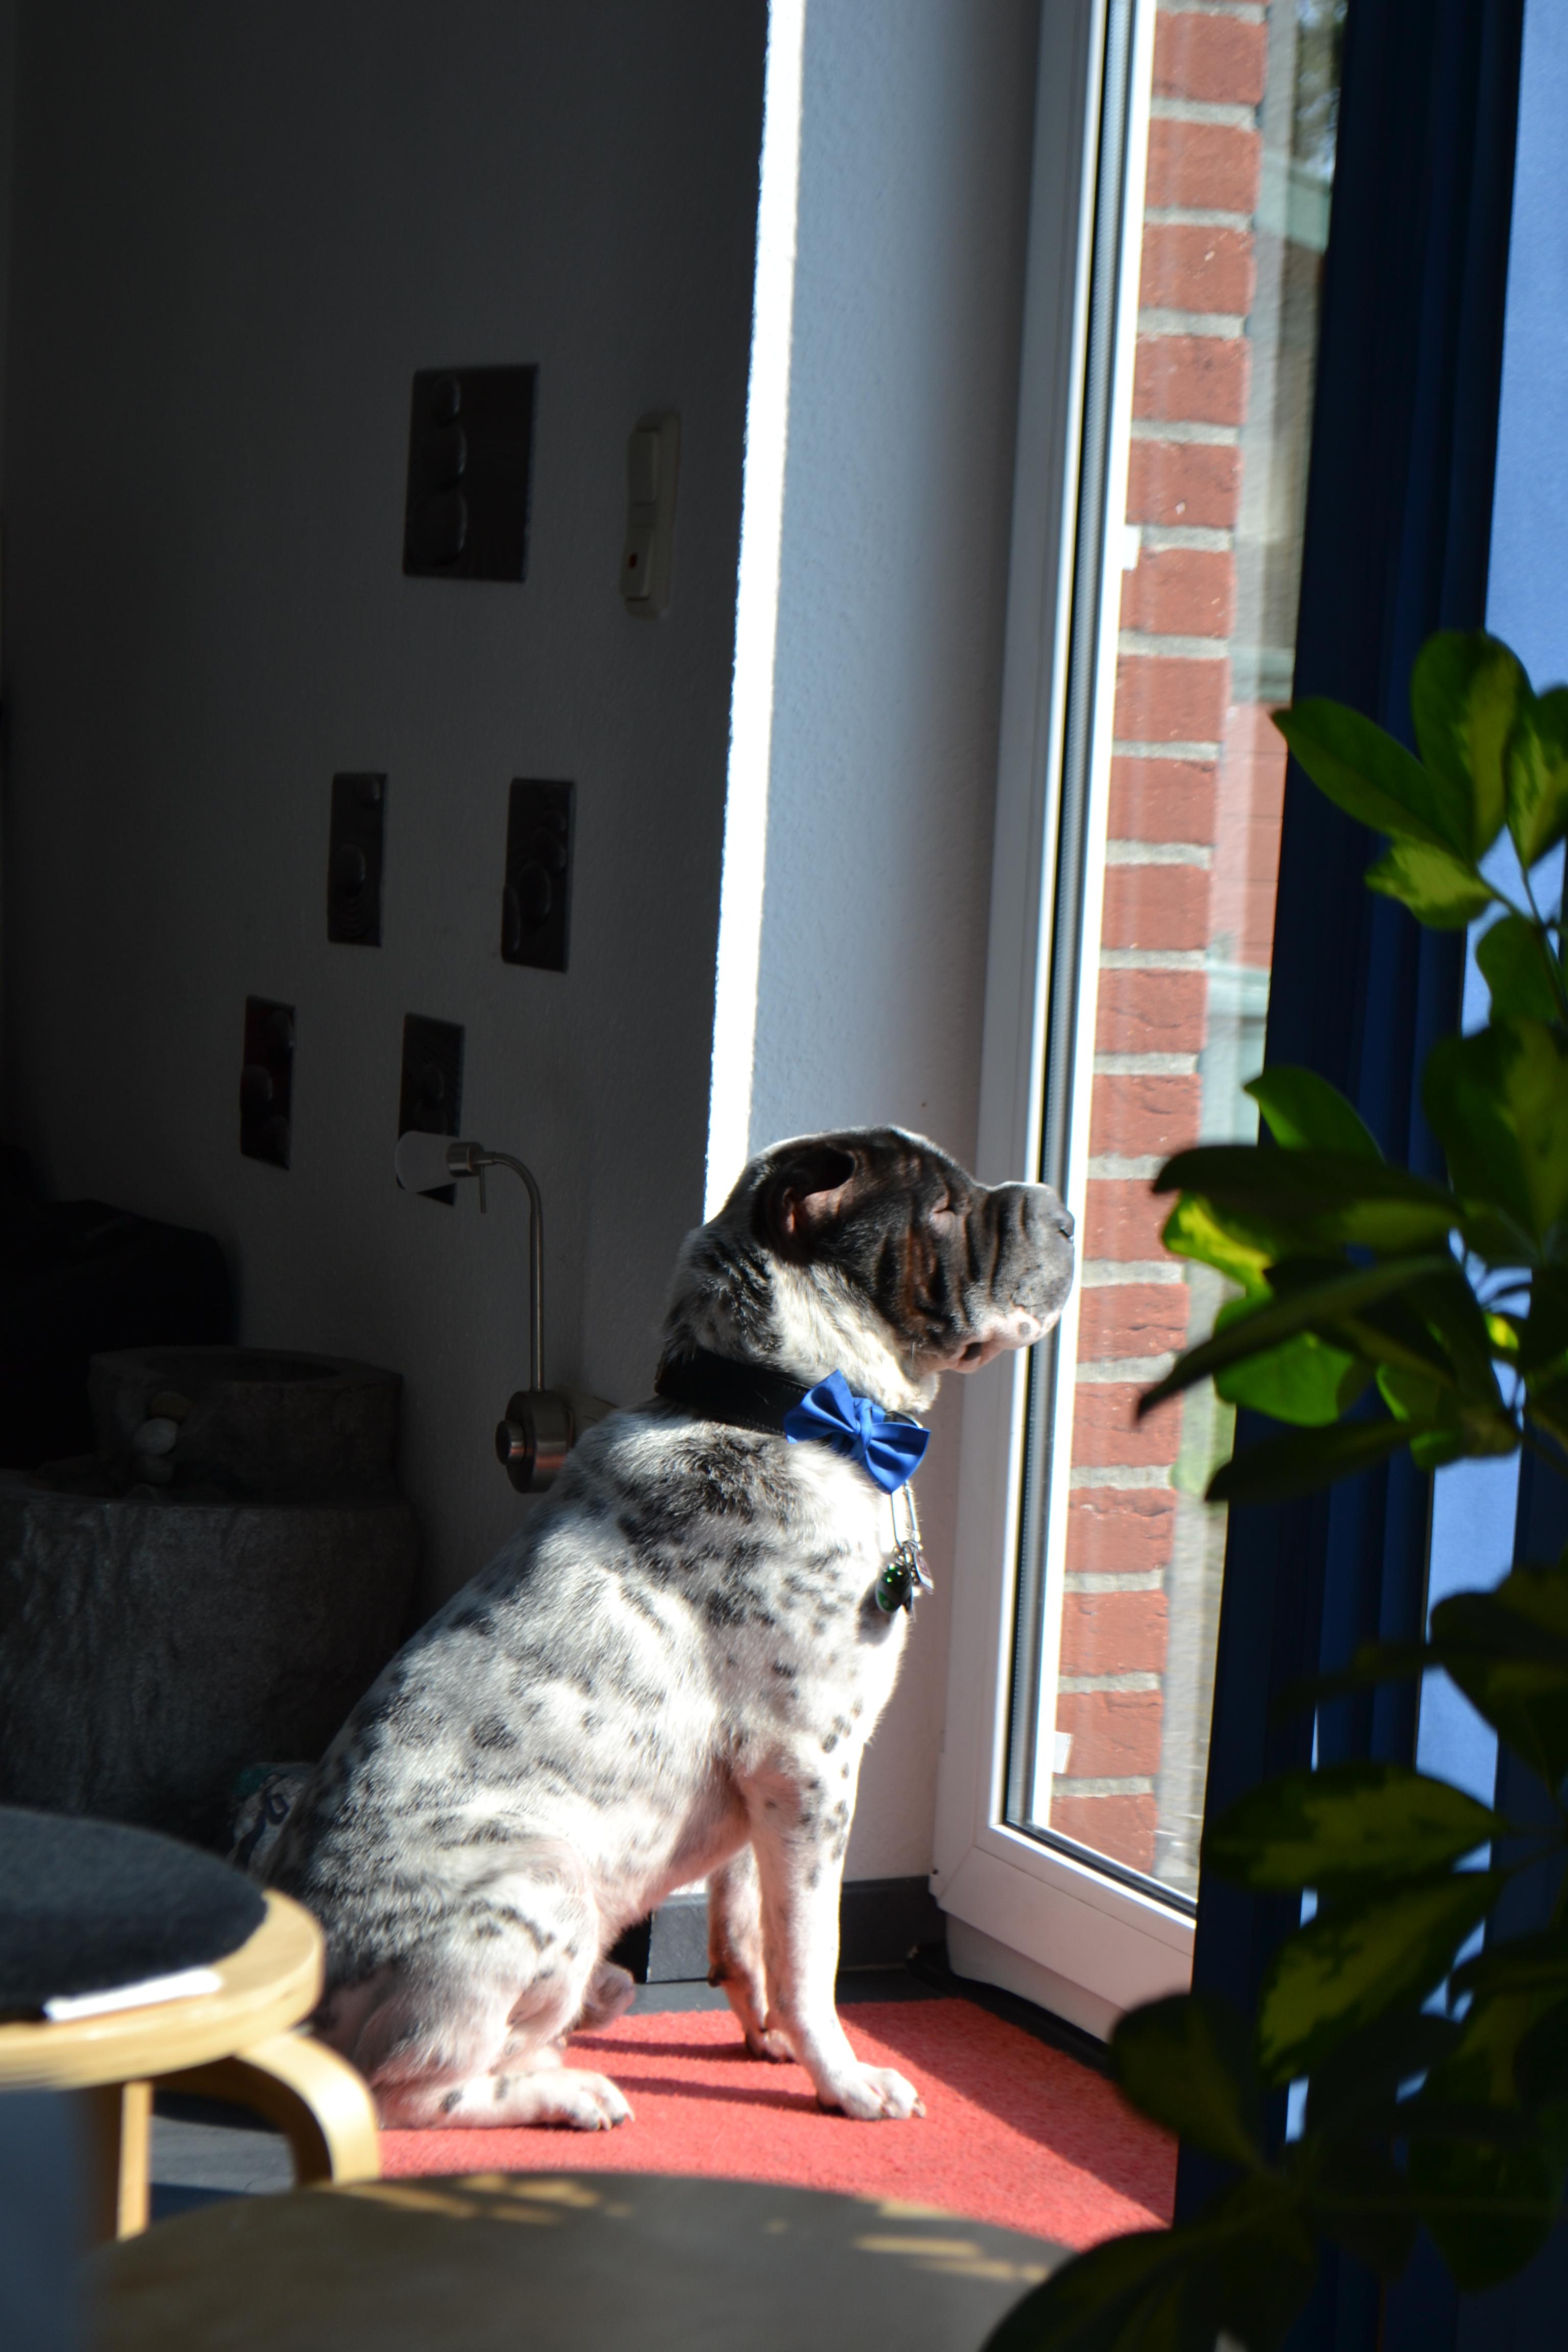 Shar Pei/ Hund Kingston mit Fliege fein angezogen